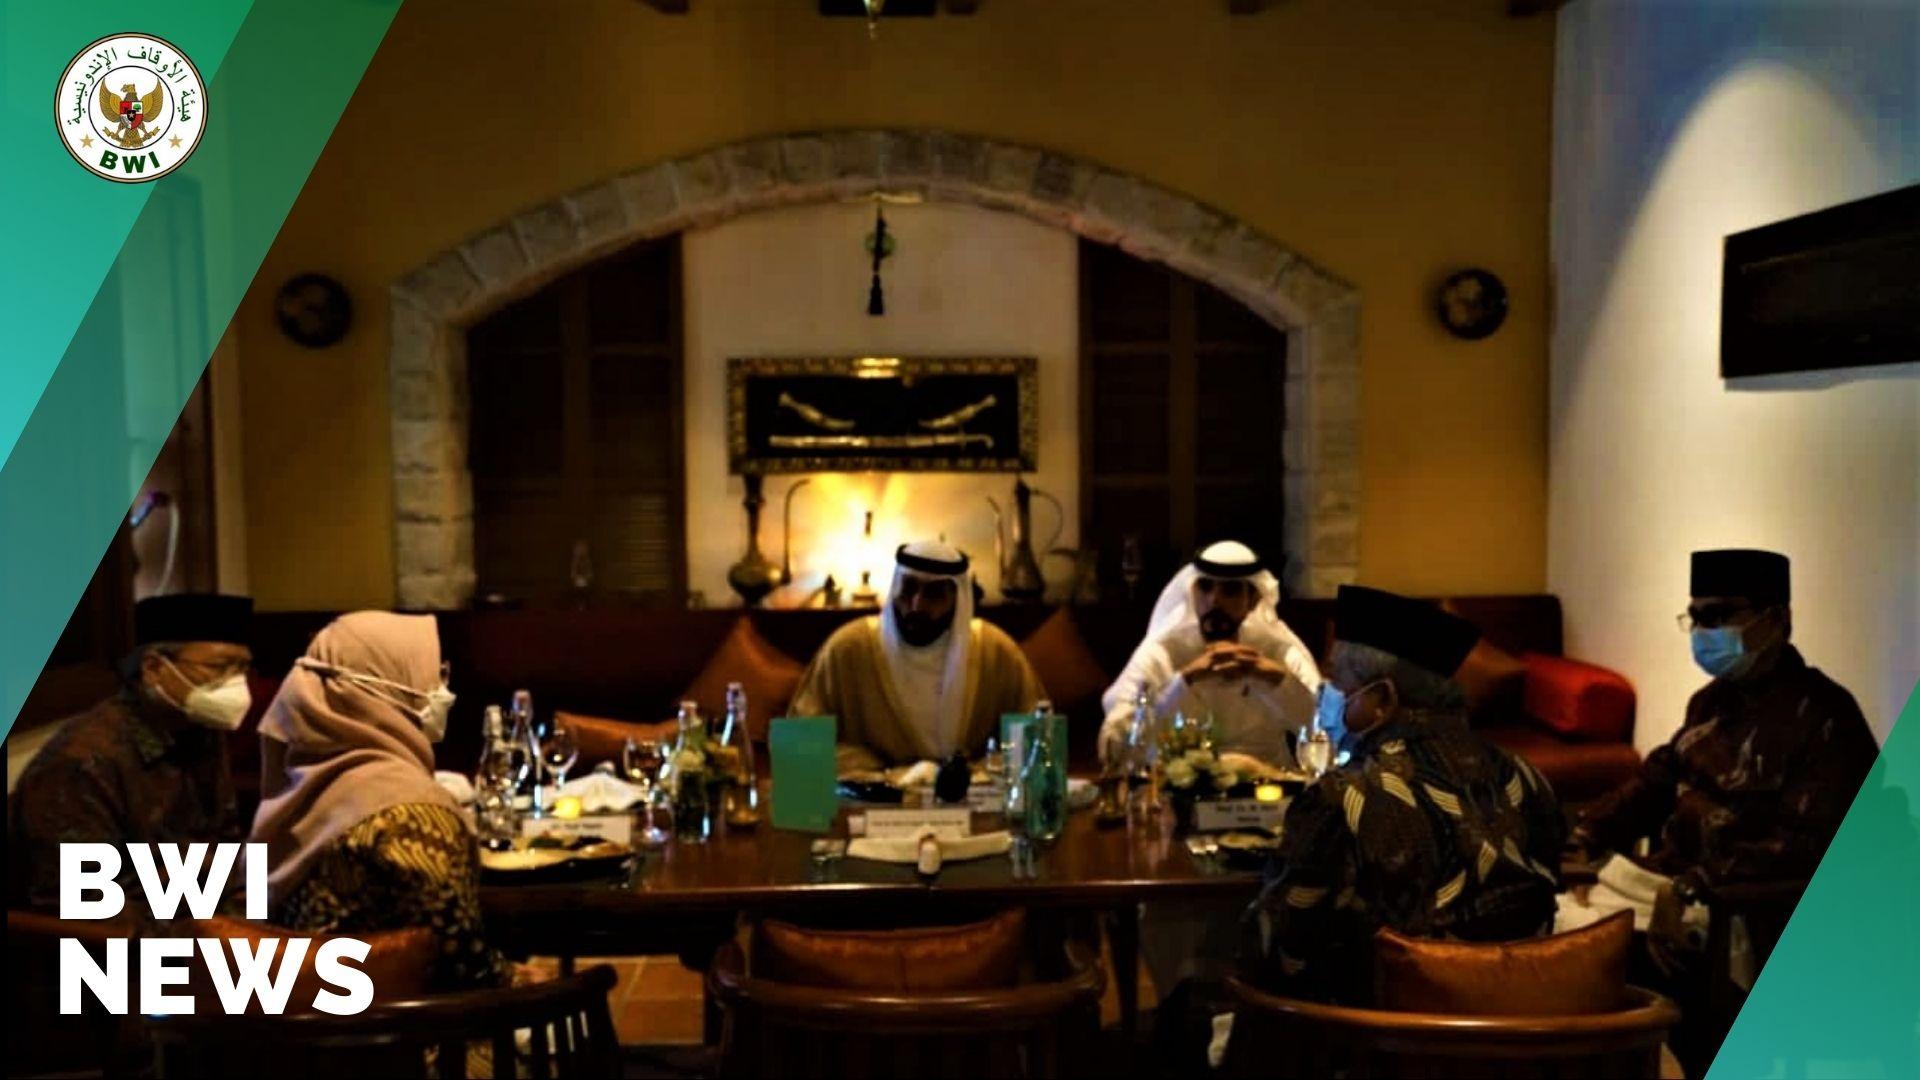 Bertemu Ketua Otoritas Wakaf UEA, BWI Buka Kerjasama Wakaf Produktif untuk Layanan Publik  - BWI Bertemu Otoritas Umum Urusan Islam dan Wakaf UEA BWI News - Bertemu Ketua Otoritas Wakaf UEA, BWI Buka Kerjasama Wakaf Produktif untuk Layanan Publik